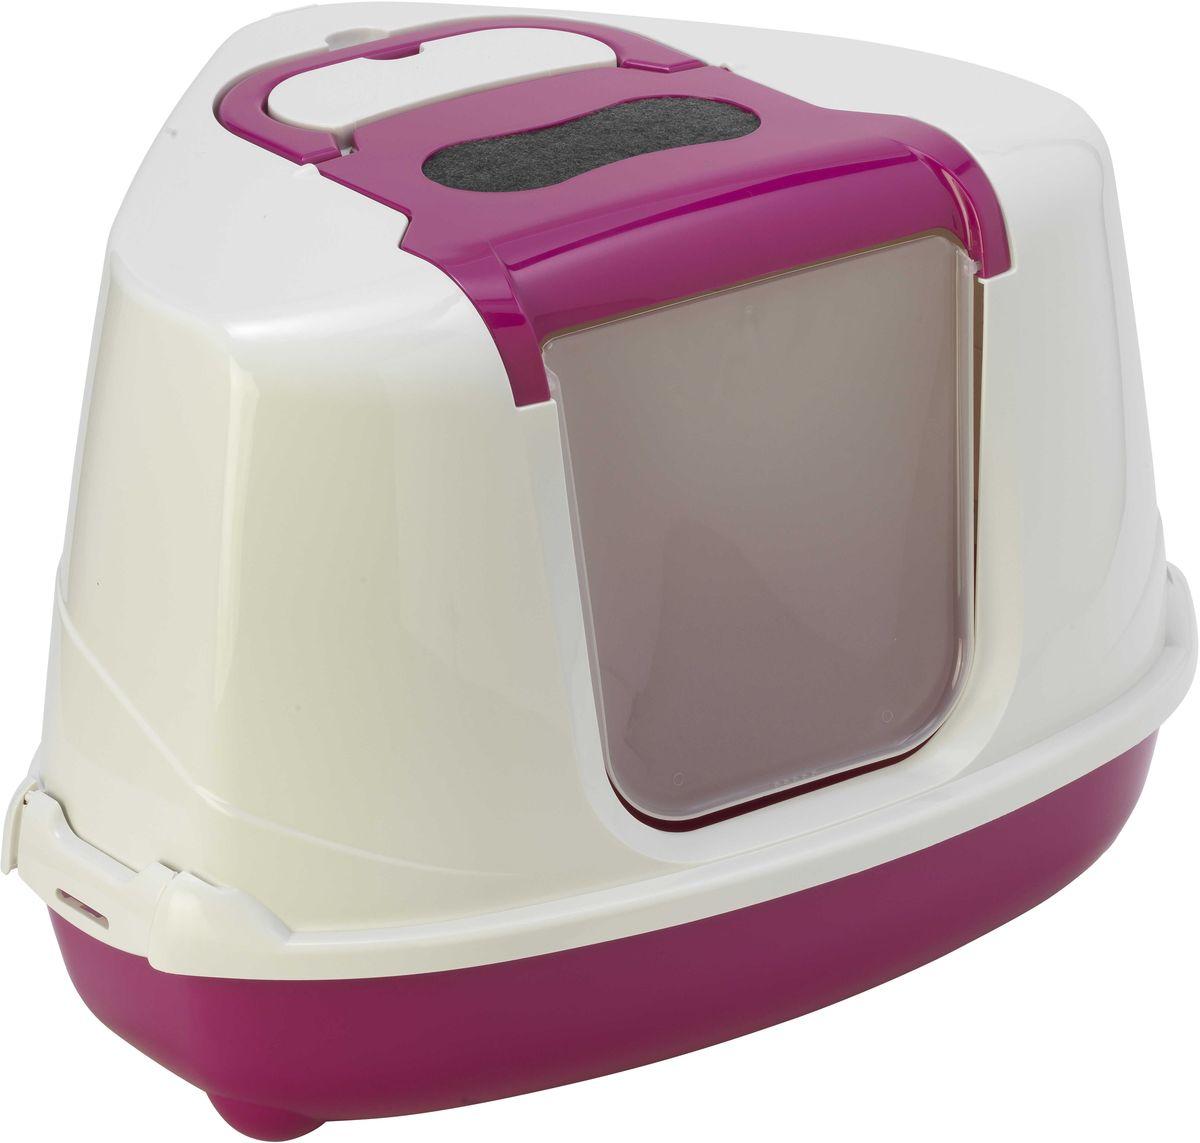 Туалет для кошек Moderna Flip Corner, закрытый, угловой, цвет: ярко-розовый, 56 х 45 х 39 см0120710Закрытый угловой туалет для кошек Moderna Flip Corner выполнен из высококачественного пластика. Он довольно вместительный и напоминает домик. Туалет оснащен прозрачной открывающейся дверцей, сменным фильтром и удобной ручкой для переноски. Такой туалет избавит ваш дом от неприятного запаха и разбросанных повсюду частичек наполнителя. Кошка в таком туалете будет чувствовать себя увереннее, ведь в этом укромном уголке ее никто не увидит. Кроме того, яркий дизайн с легкостью впишется в интерьер вашего дома. Туалет легко открывается для чистки благодаря практичным защелкам по бокам.